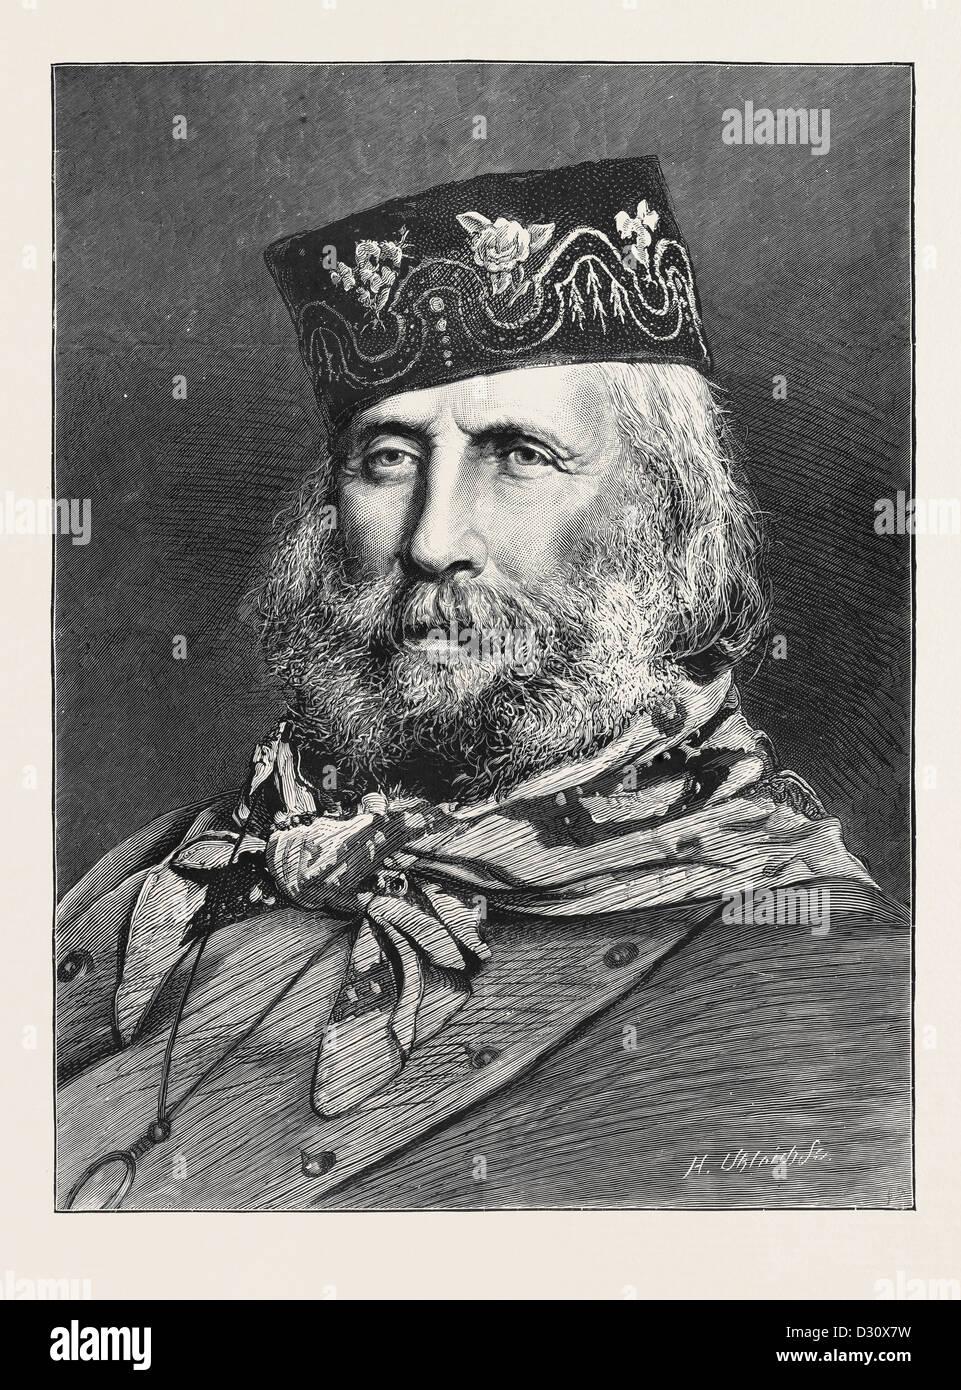 GIUSEPPE GARIBALDI, nato a Nizza il 4 luglio 1807, morì a Caprera, Giugno  2, 1882 Foto stock - Alamy